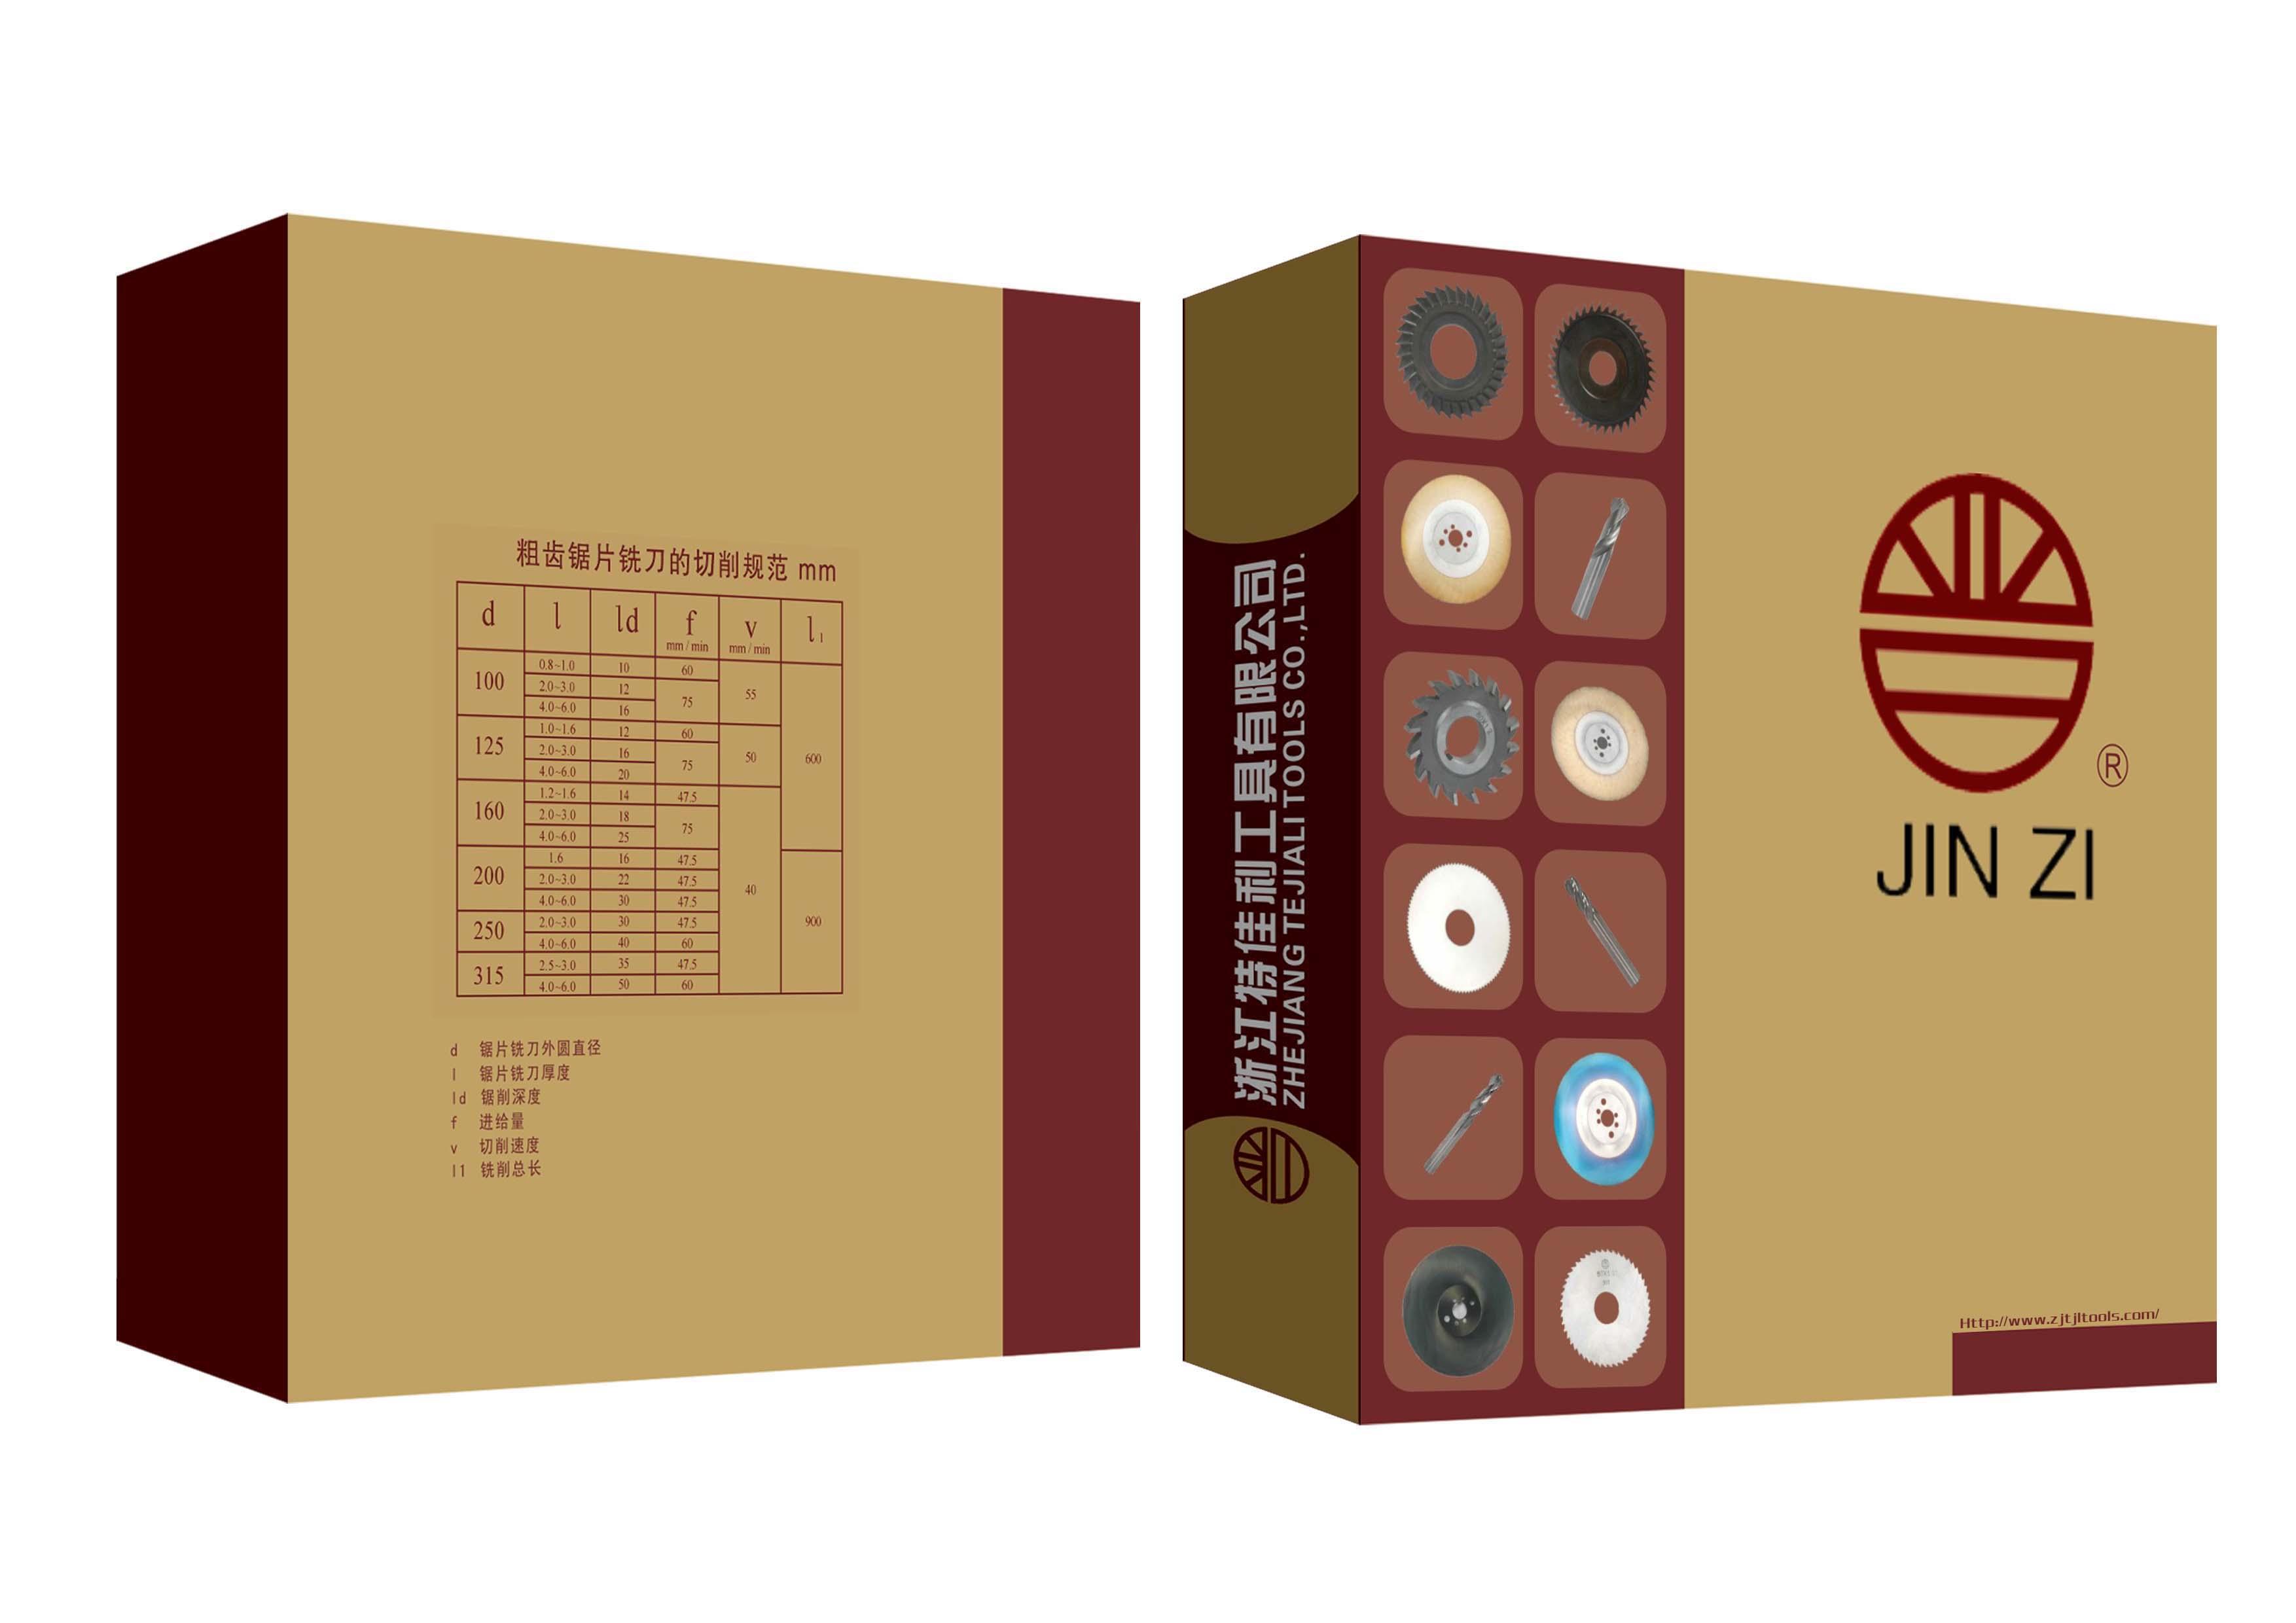 瓦楞纸彩箱包装 裱坑瓦楞纸彩箱包装多少钱